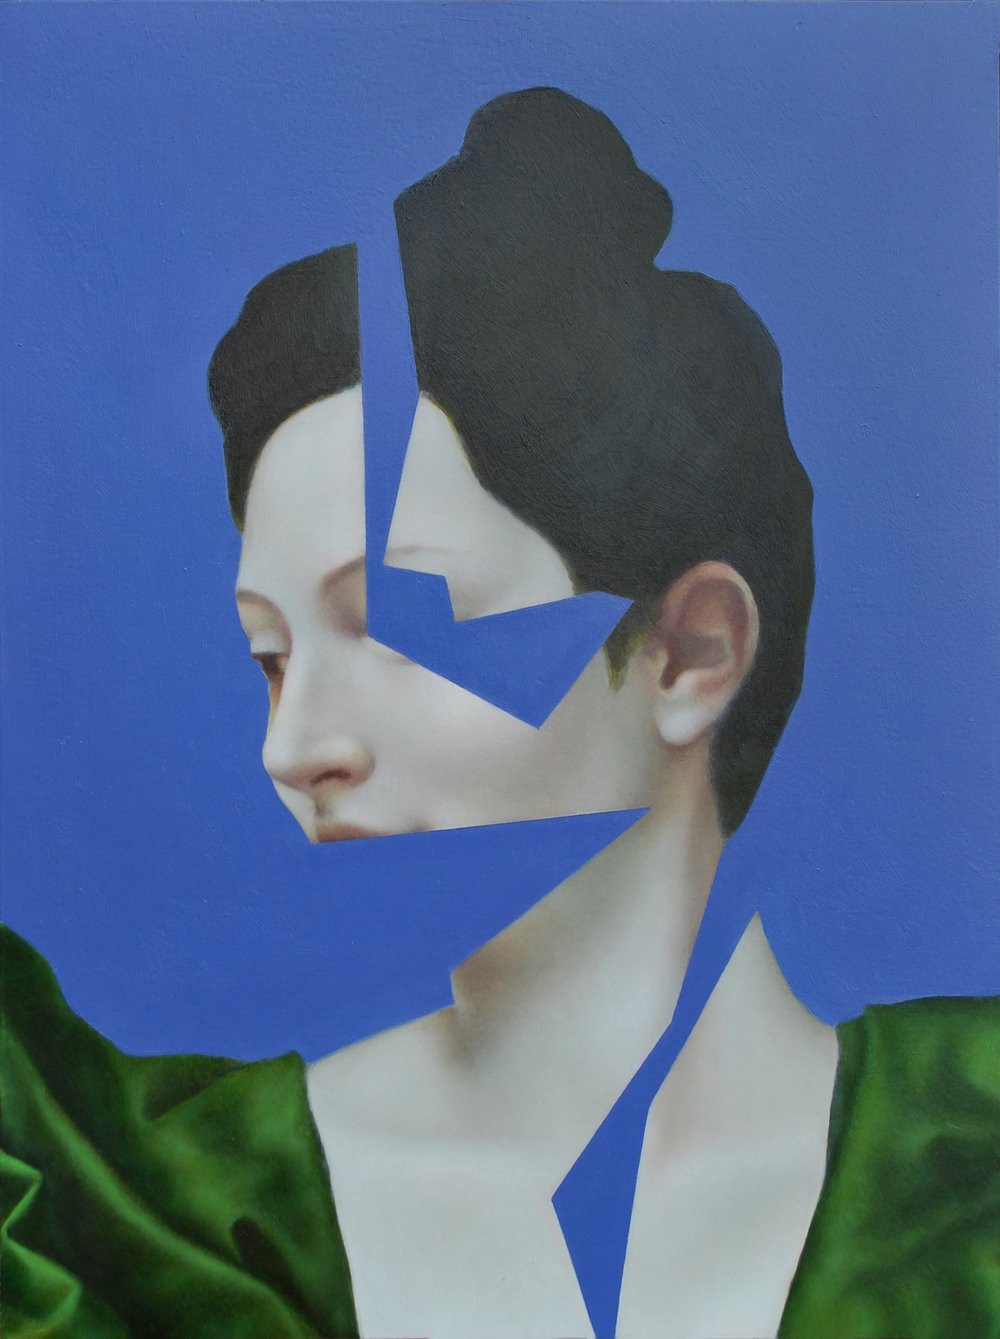 Clio Blue, oil on panel, 30.5 x 22.9 cm, 2016